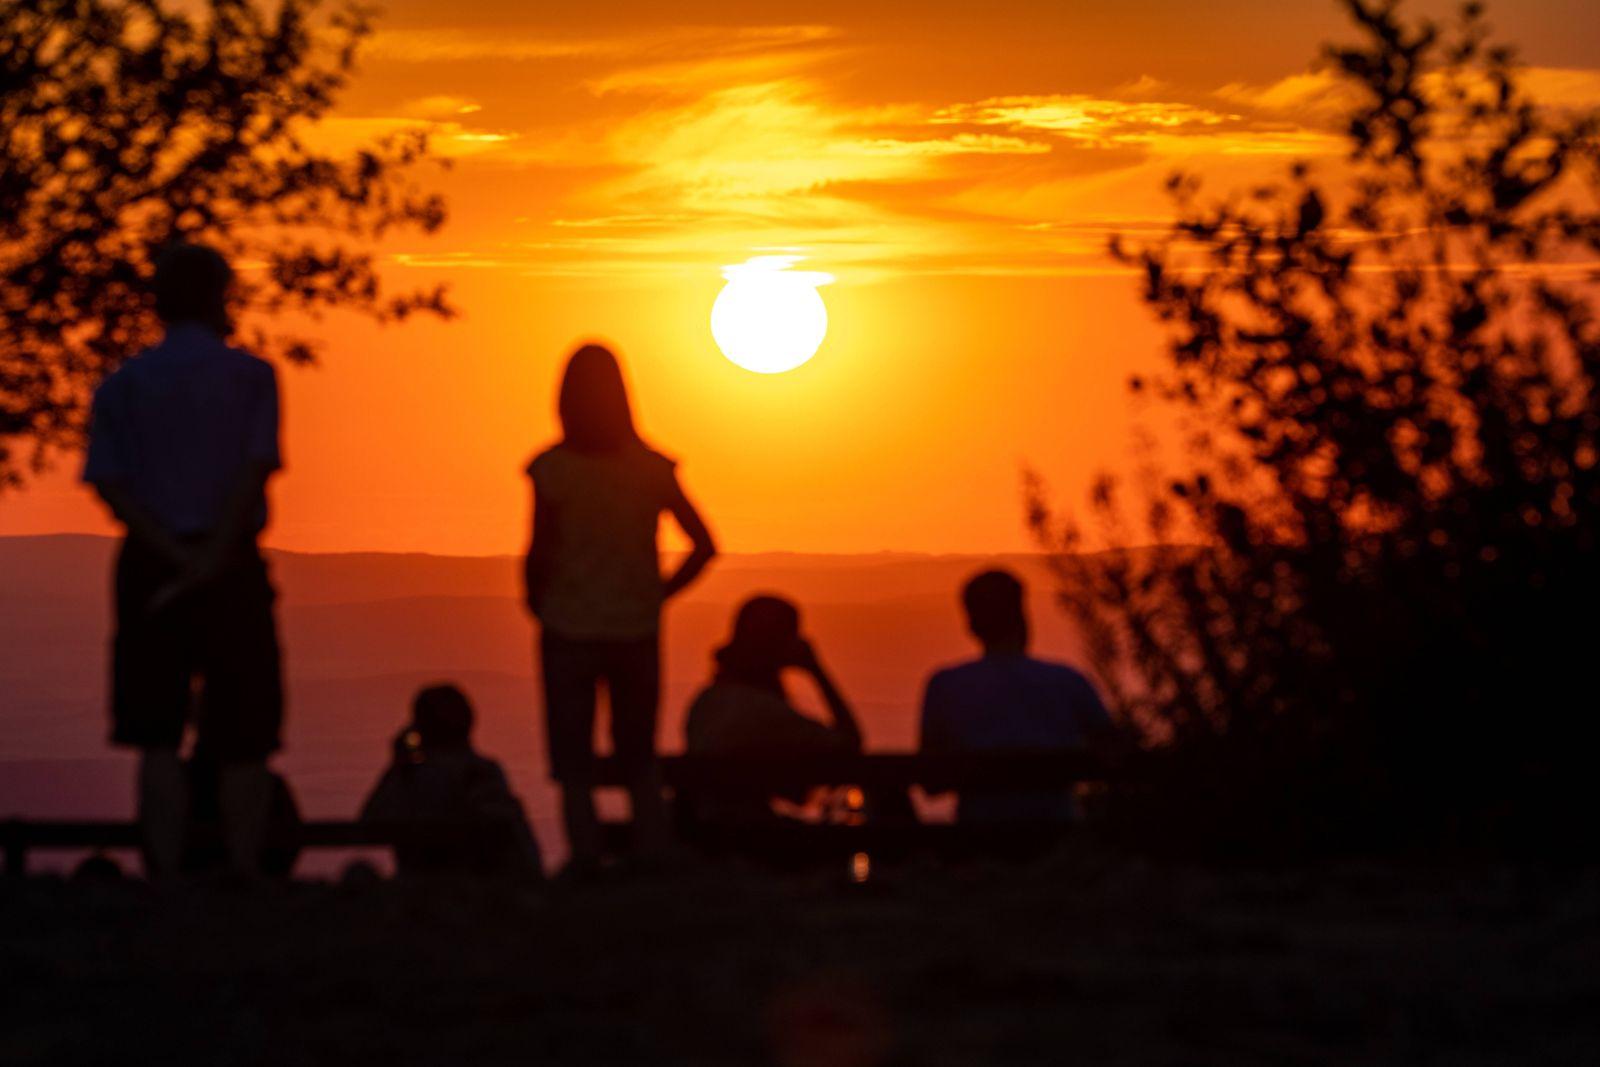 Sonnenuntergang im Taunus 05.08.2020, Schmitten (Hessen): Zahlreiche Menschen beobachten auf dem Großen Feldberg im Tau